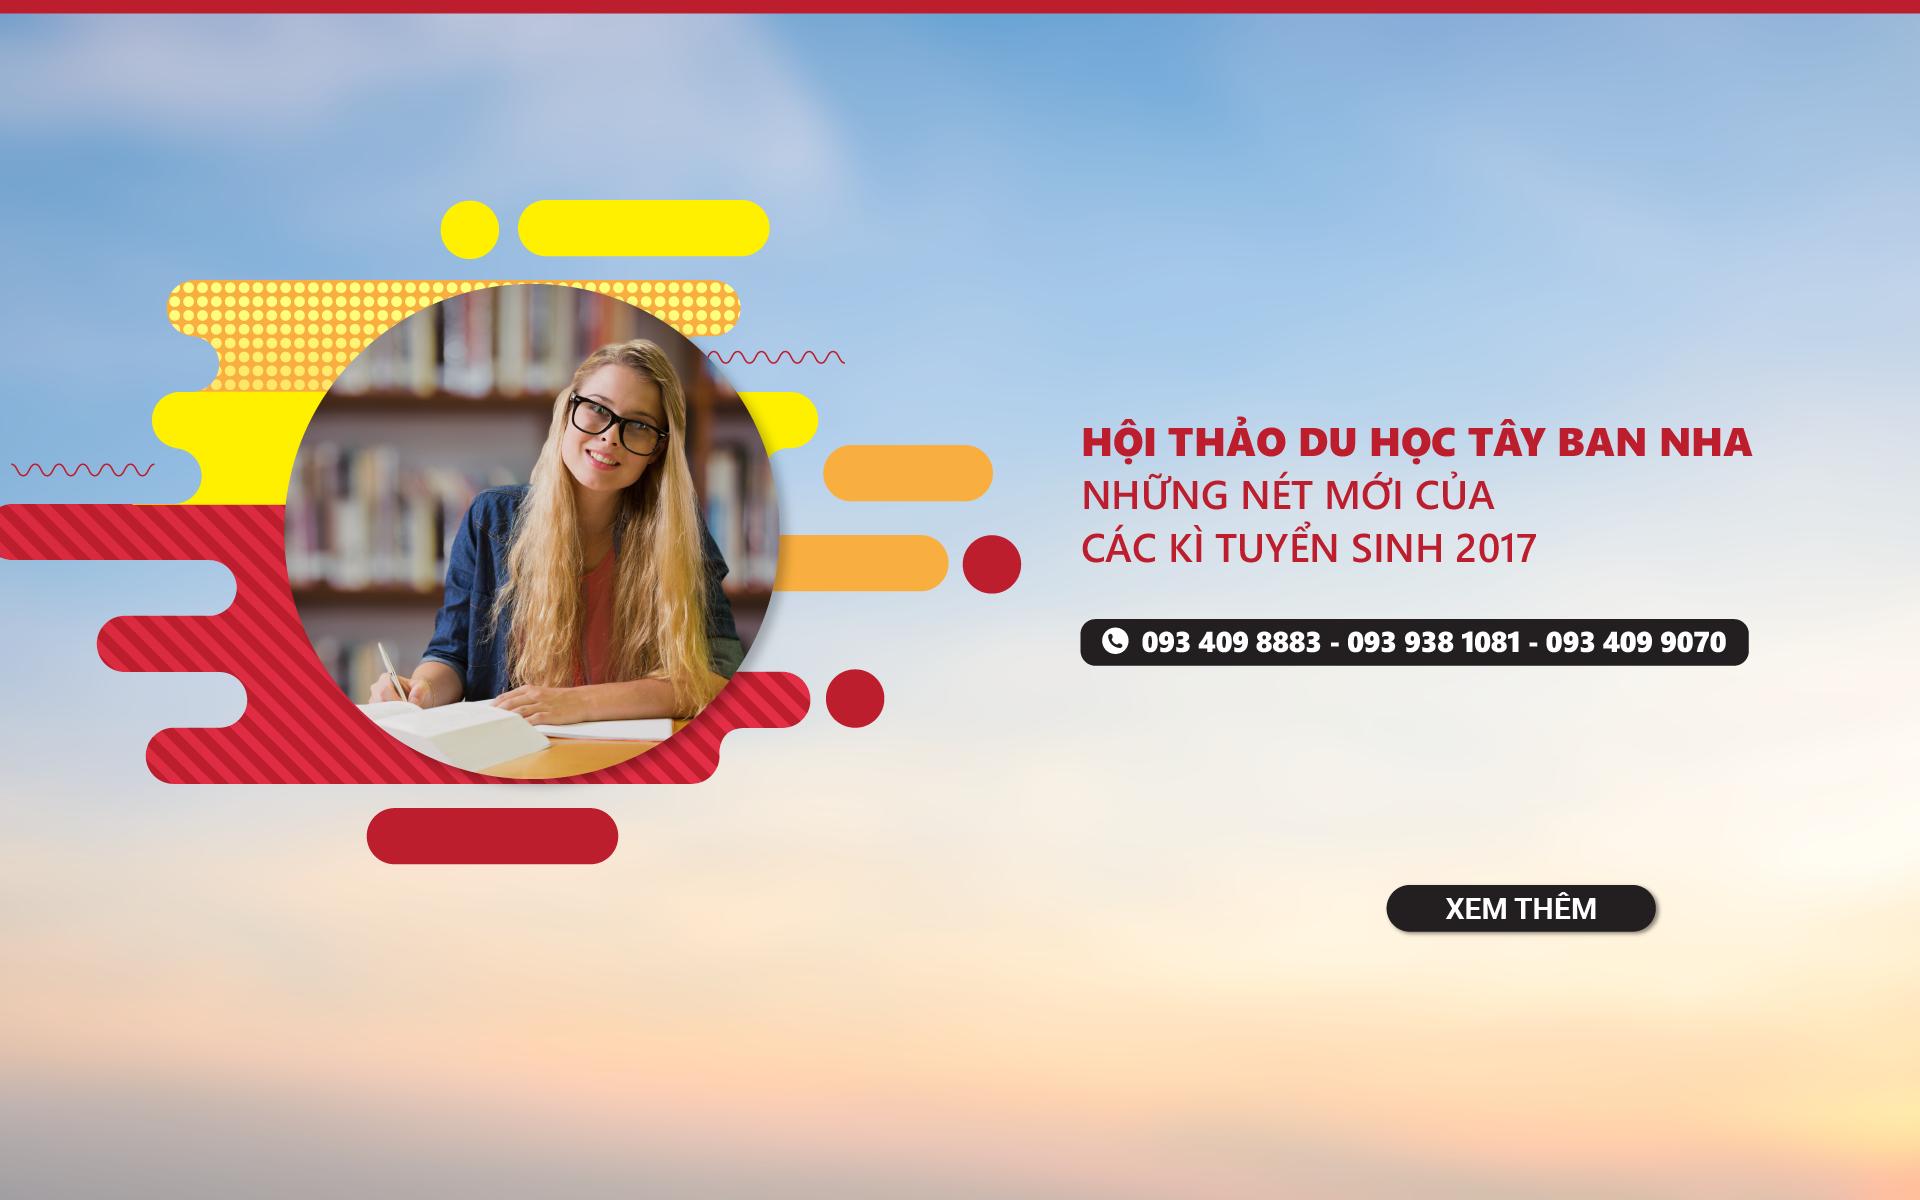 Du học Tây Ban Nha 2017 – Thuận lợi tiếp nối thuận lợi!